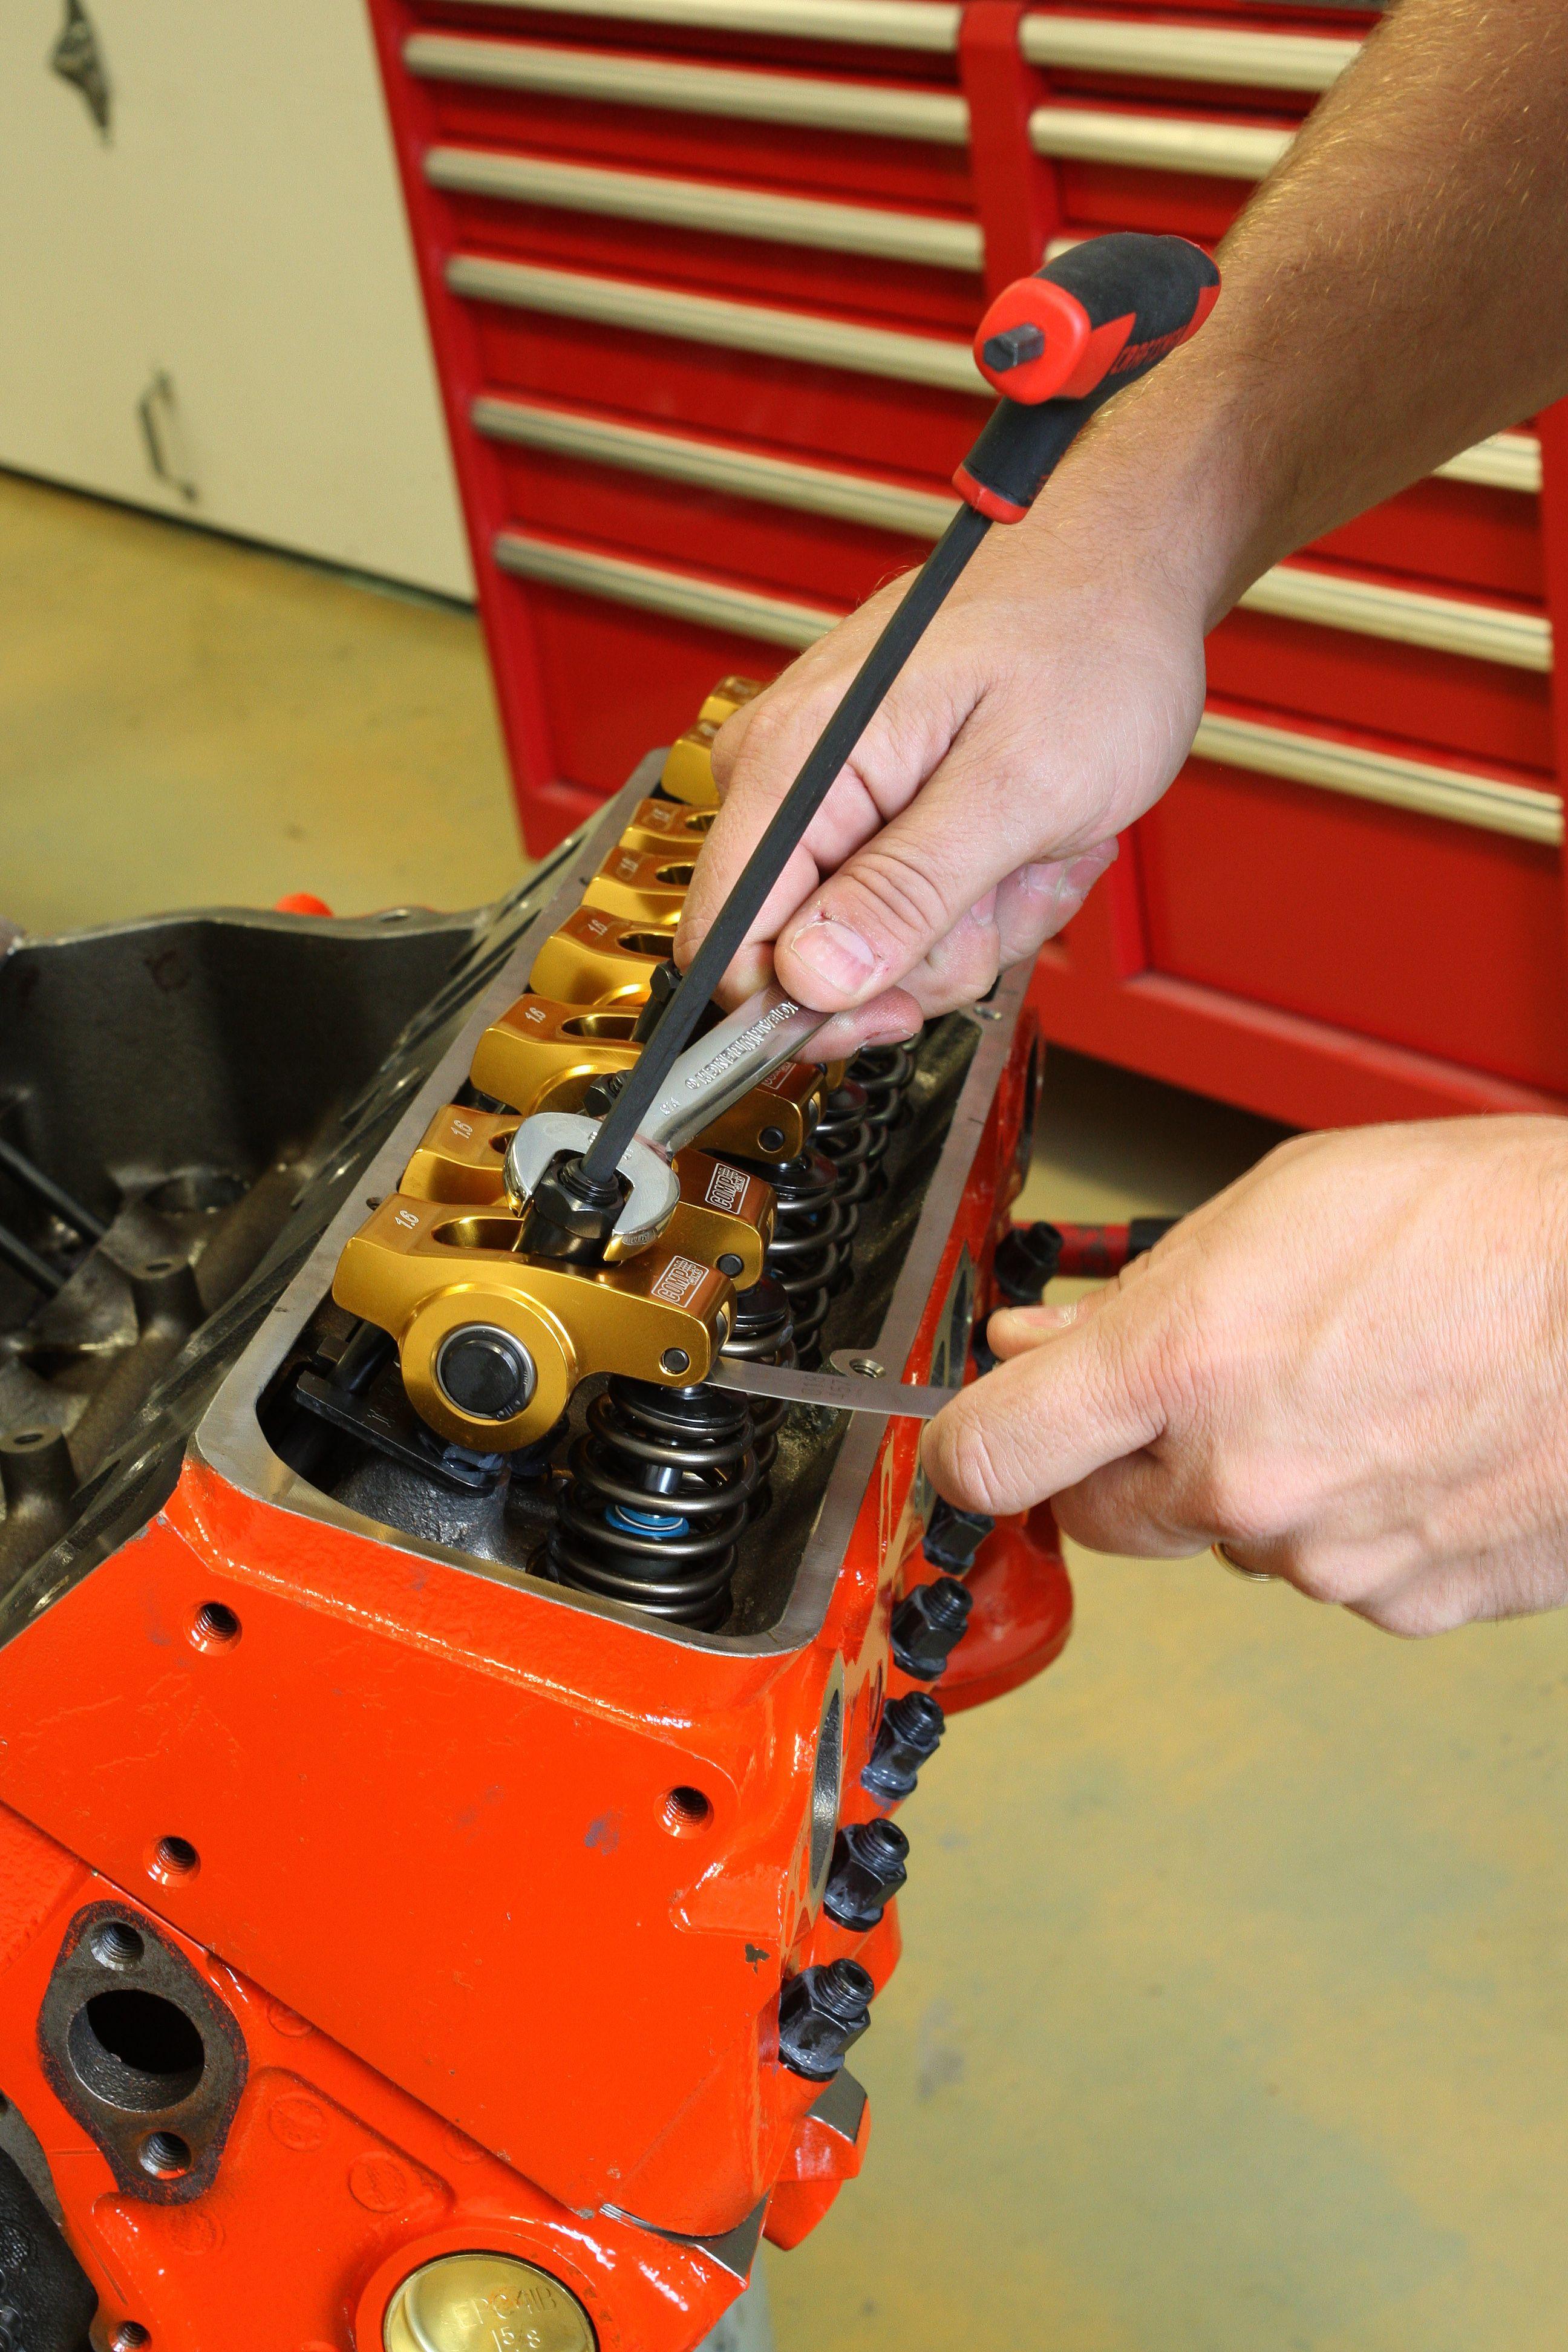 Checking Valve Lash Mecanica Automotriz Autos Mecanica